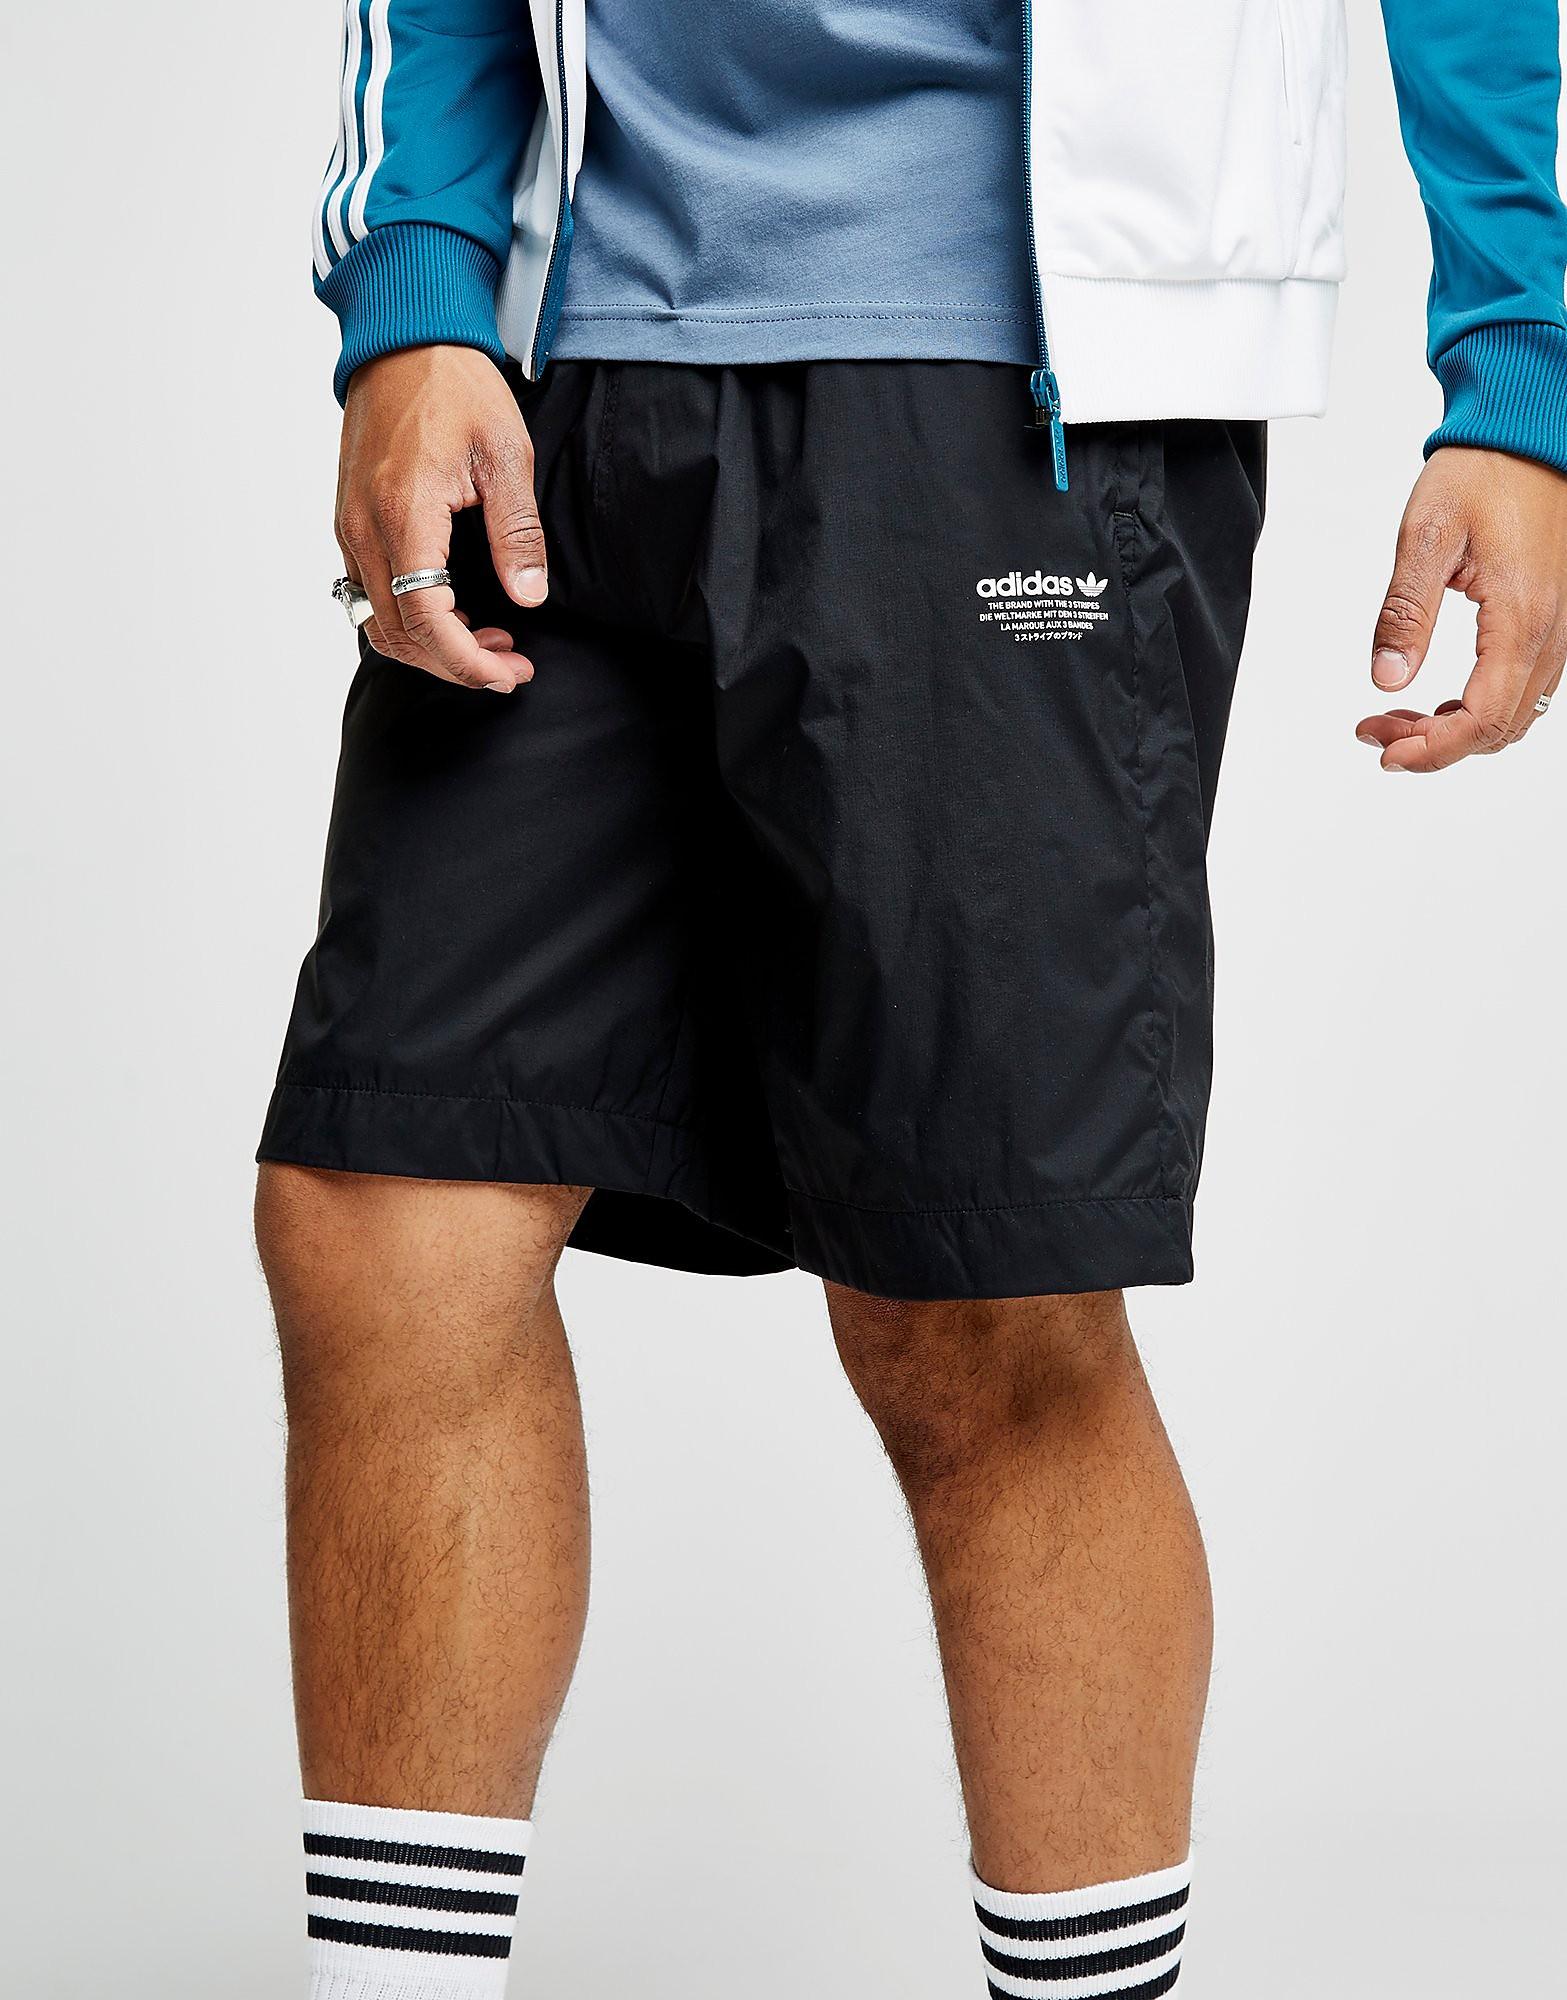 adidas Originals NMD Woven Shorts